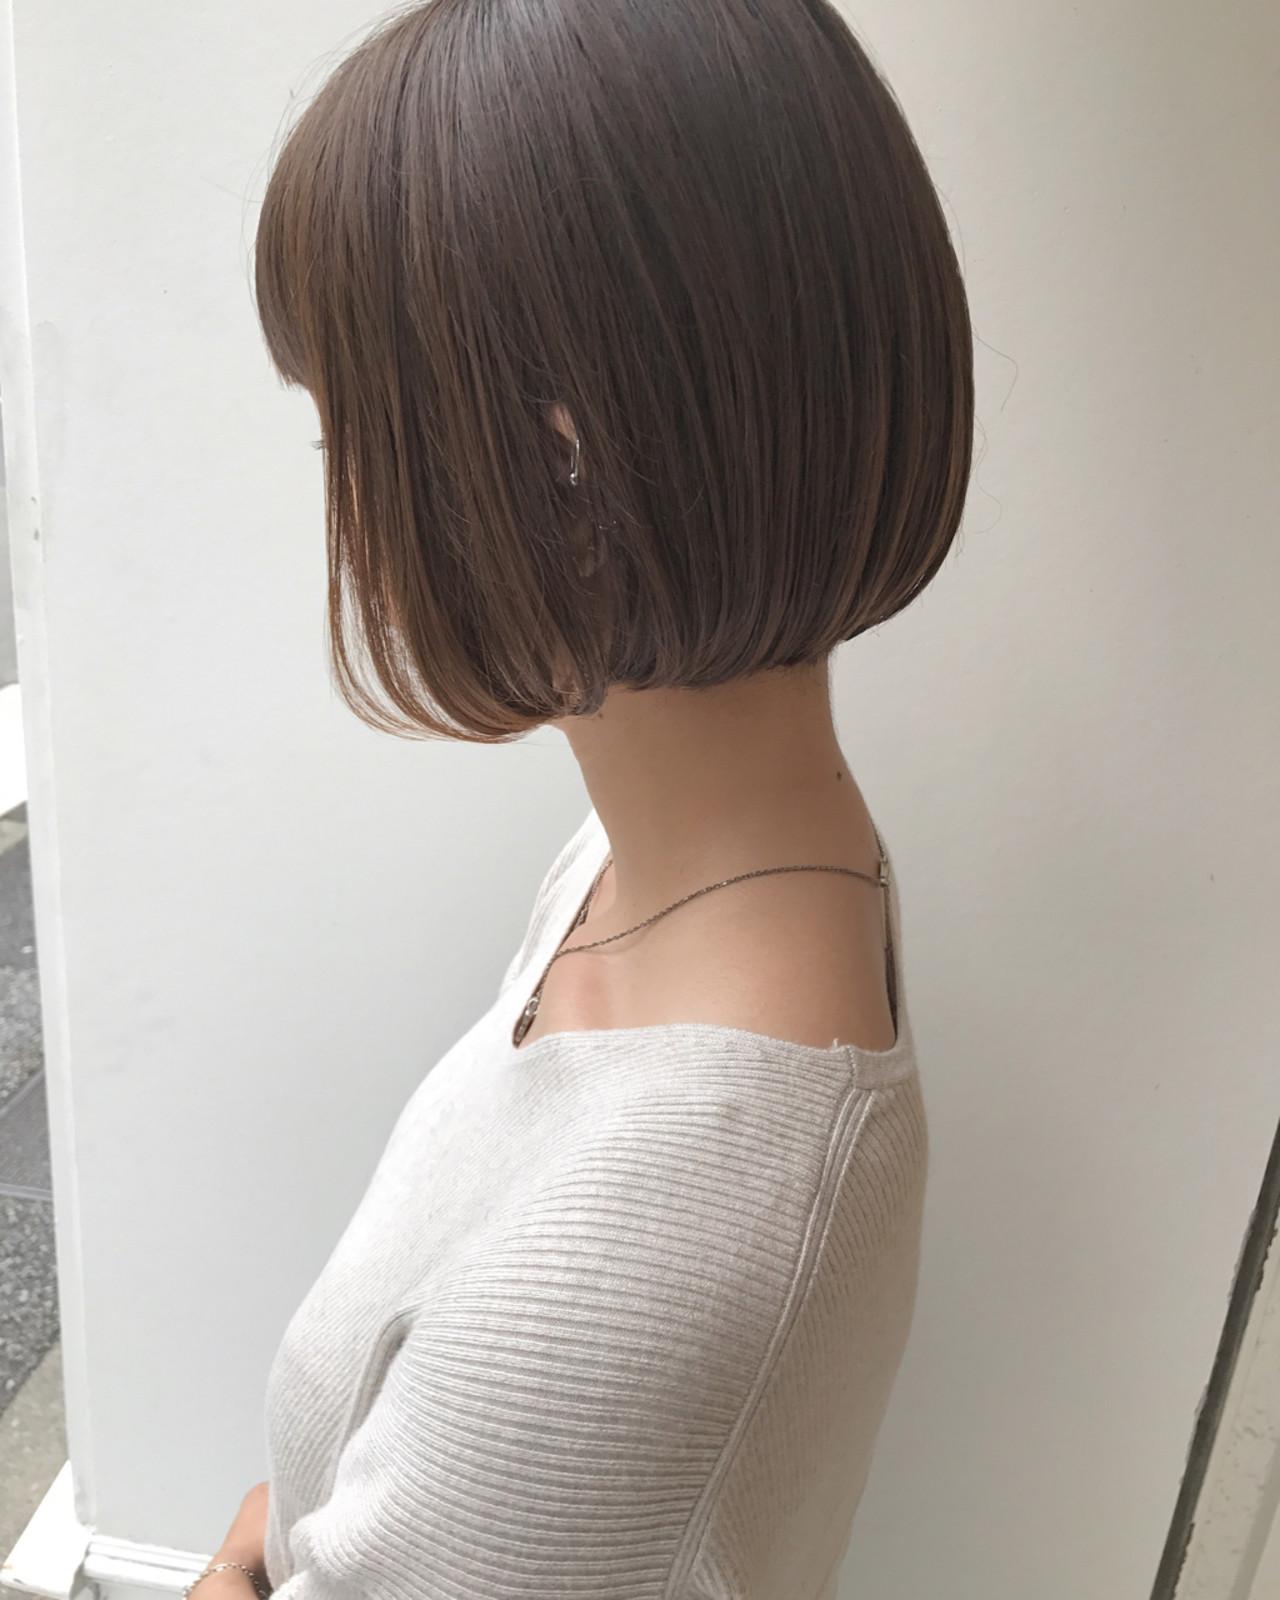 透明感 ショートボブ 秋 ハイライト ヘアスタイルや髪型の写真・画像